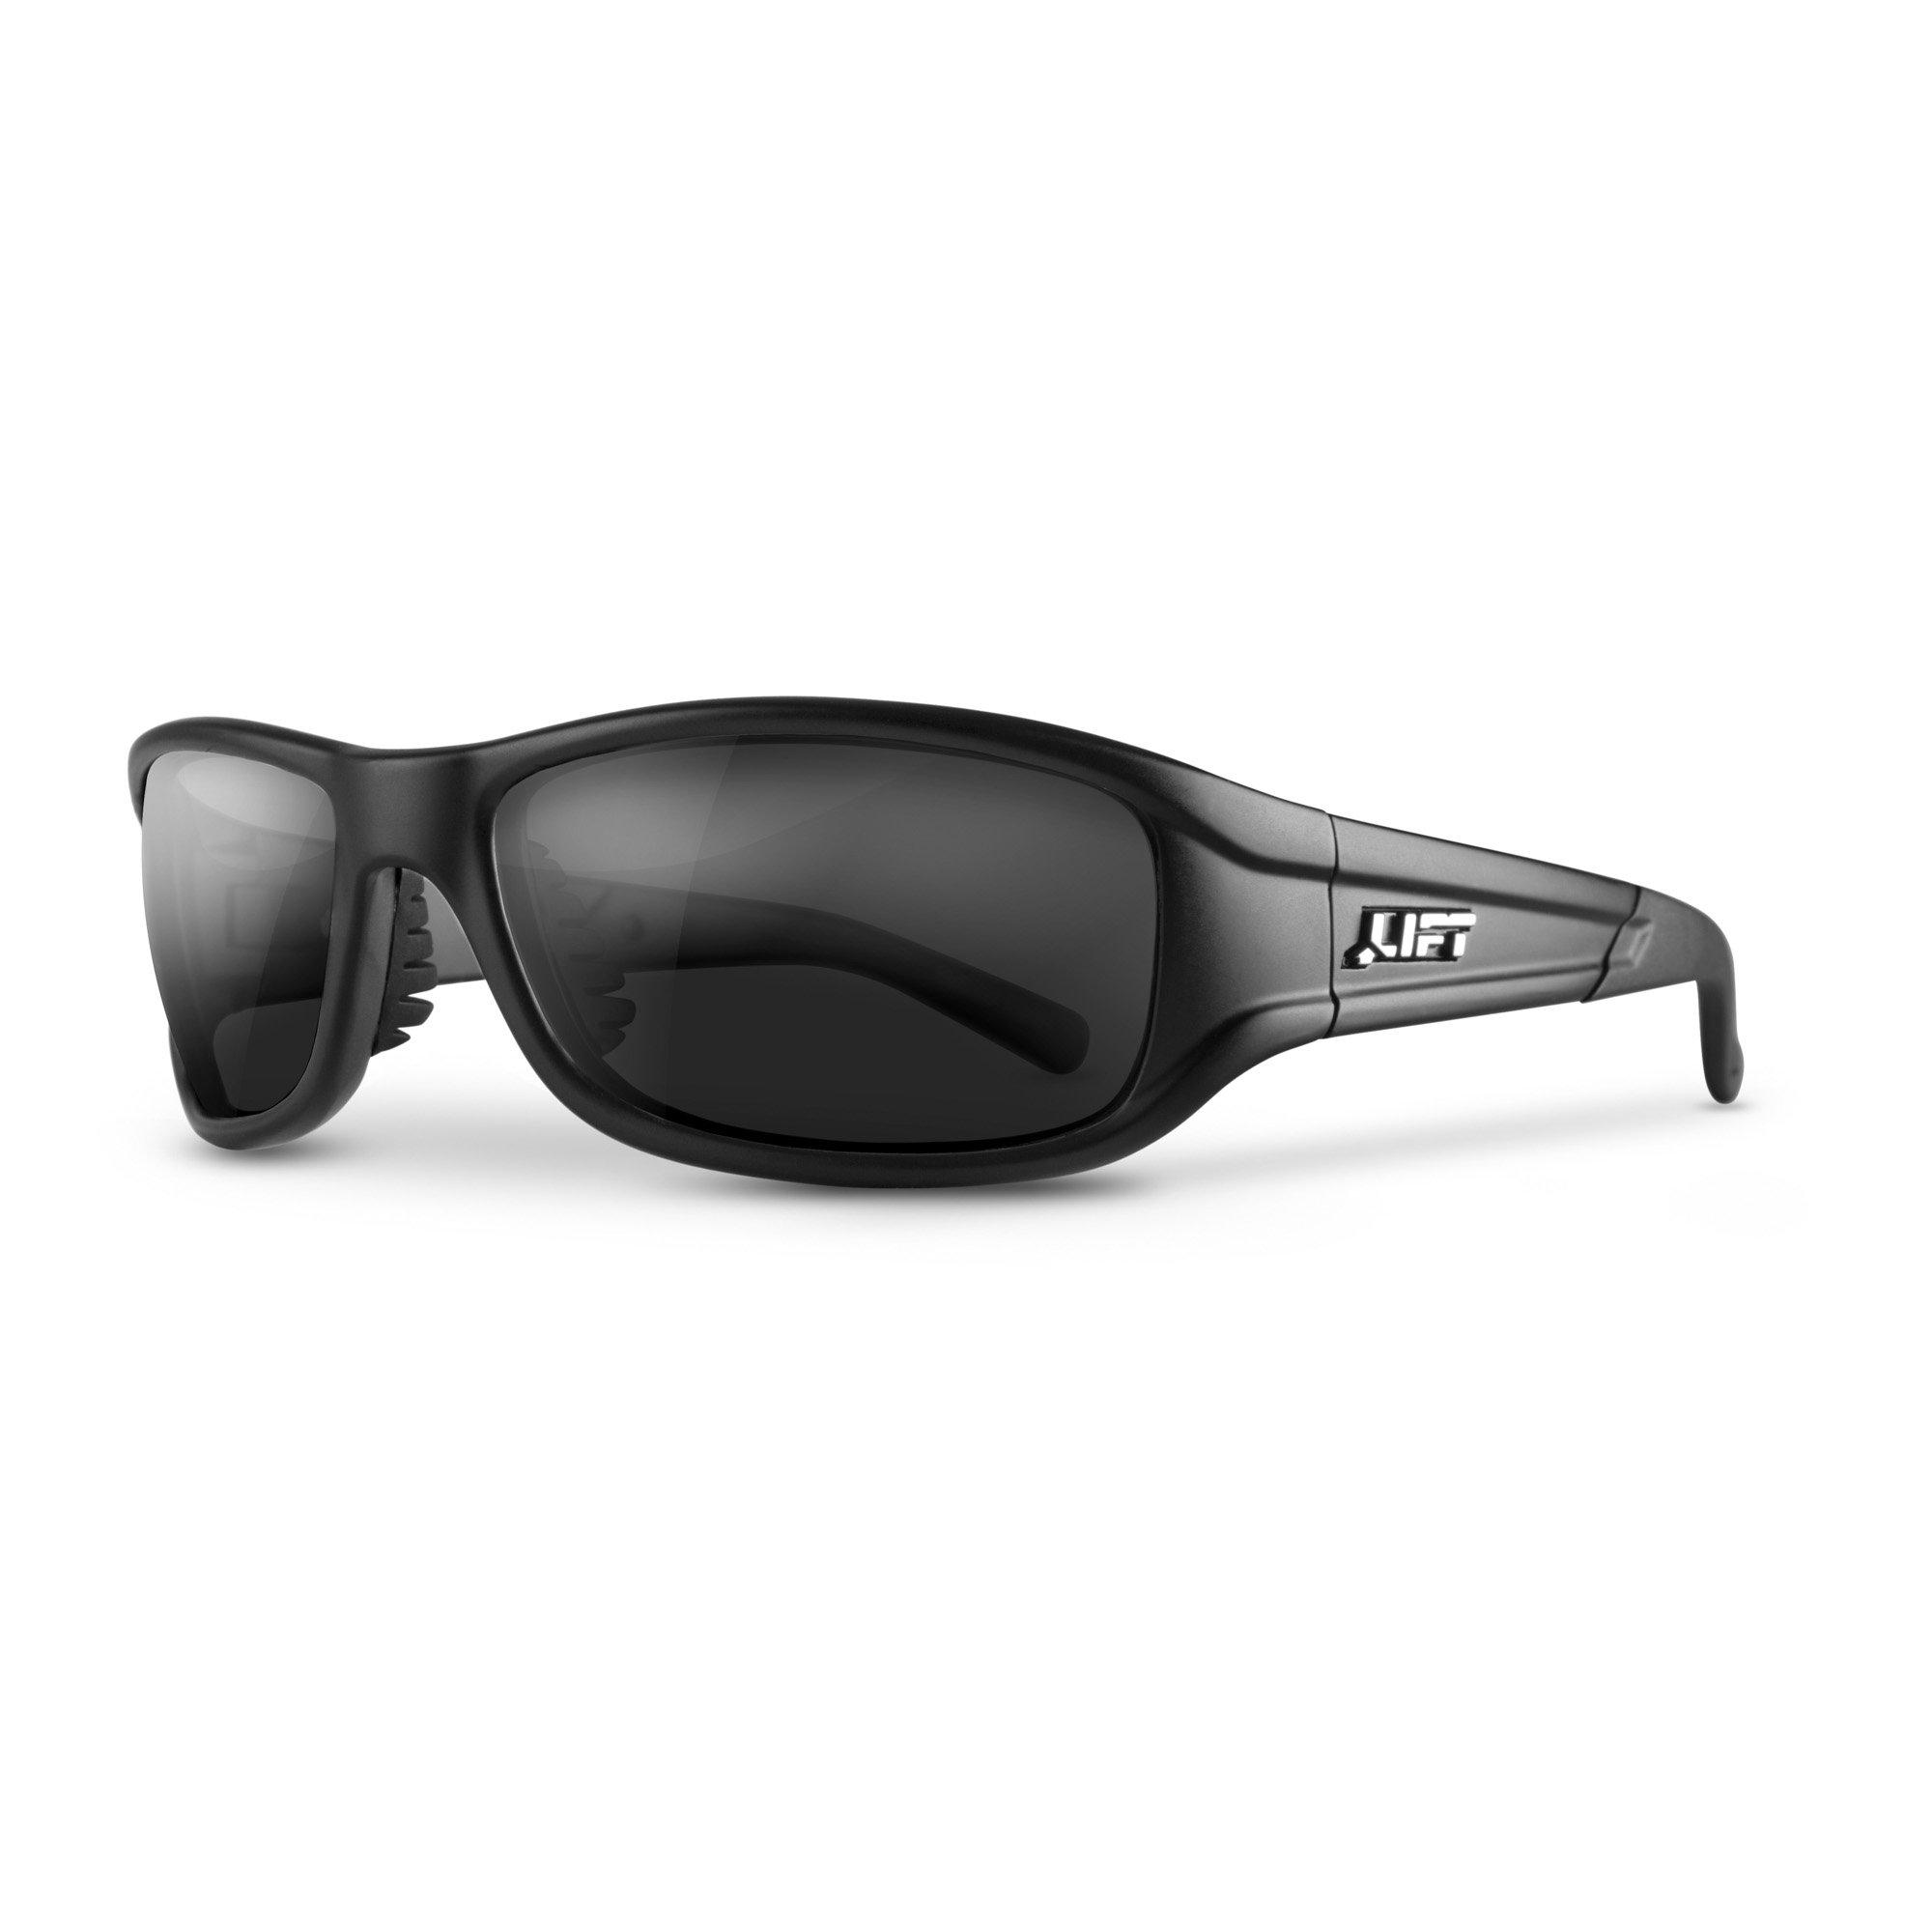 LIFT Safety Alias Safety Glasses (Black Frame/Dark Smoke Lens)